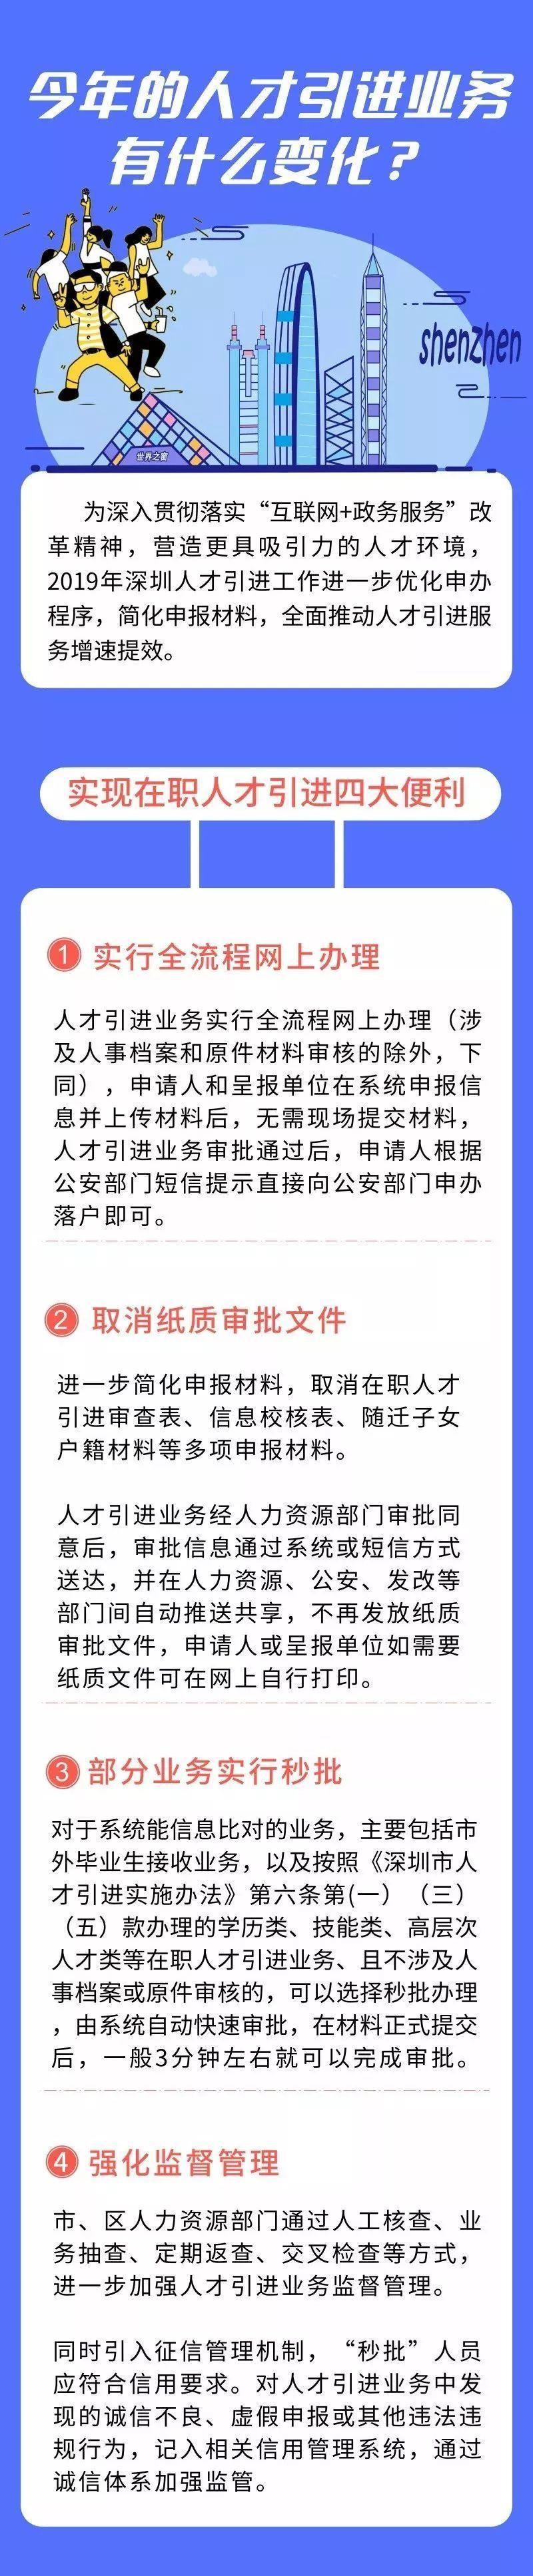 深圳落户新政,30天10万人次火爆咨询!快来看看你是否符合条件!